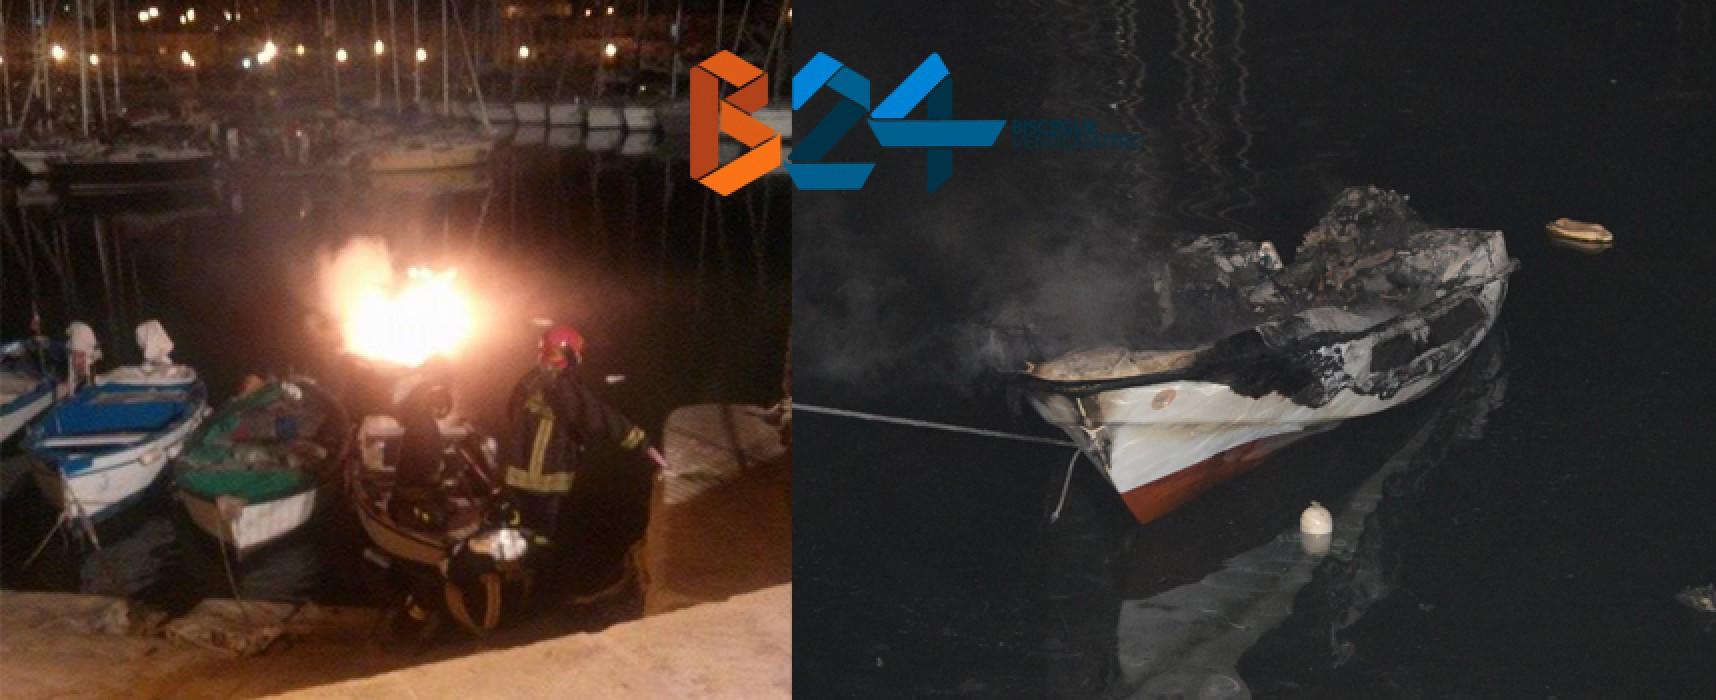 In fiamme e affondata una barca al porto nella notte / FOTO